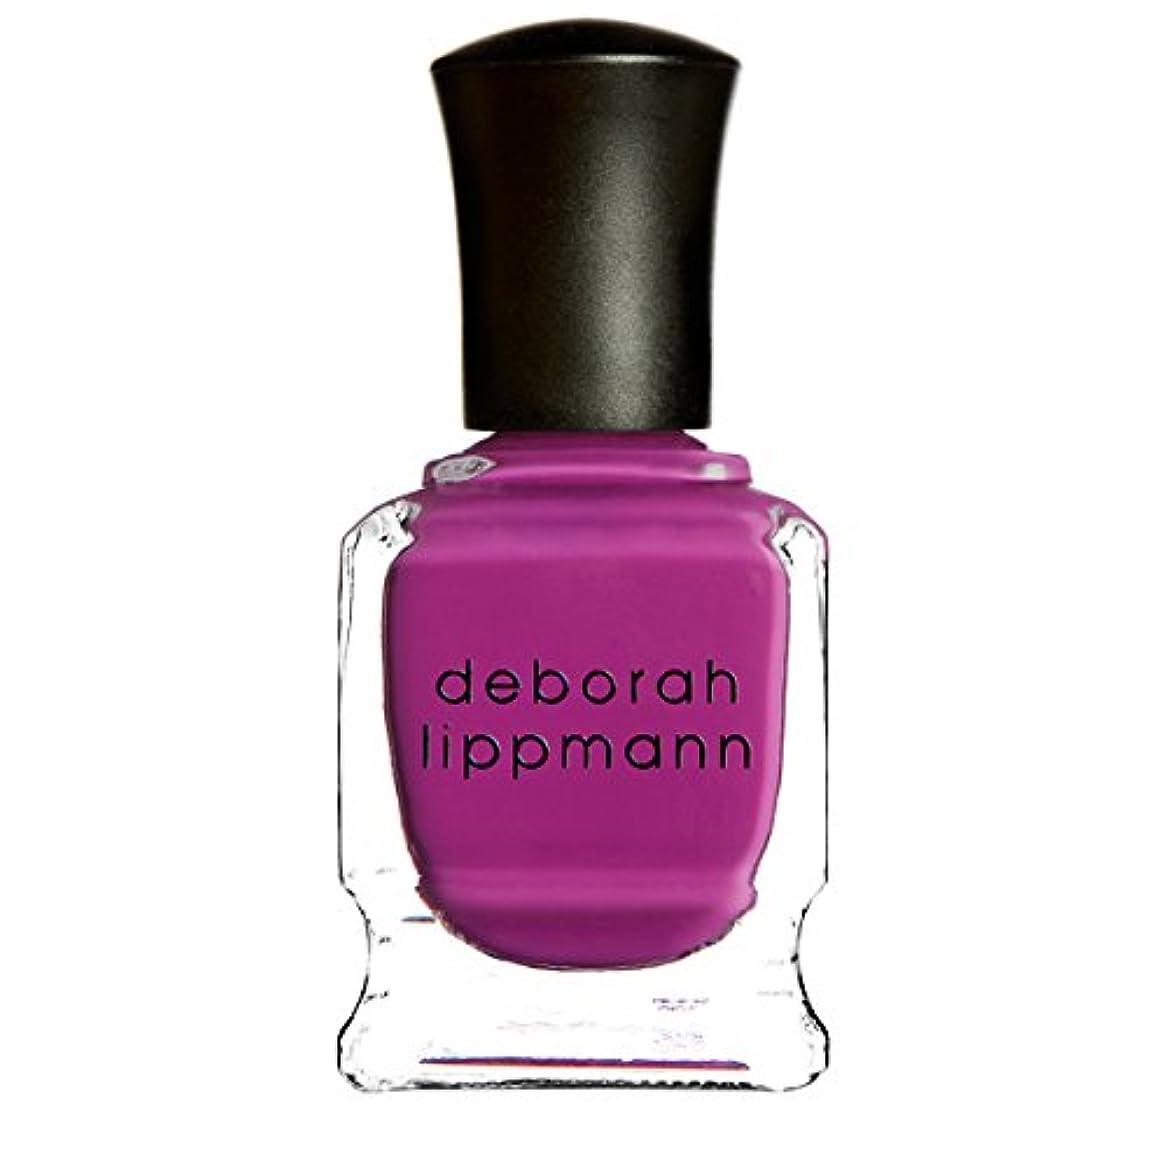 ヒープ私たちの逸脱[Deborah Lippmann] デボラリップマン ポリッシュ ピンク系 15mL (ビトゥイーン ザ シーツ)